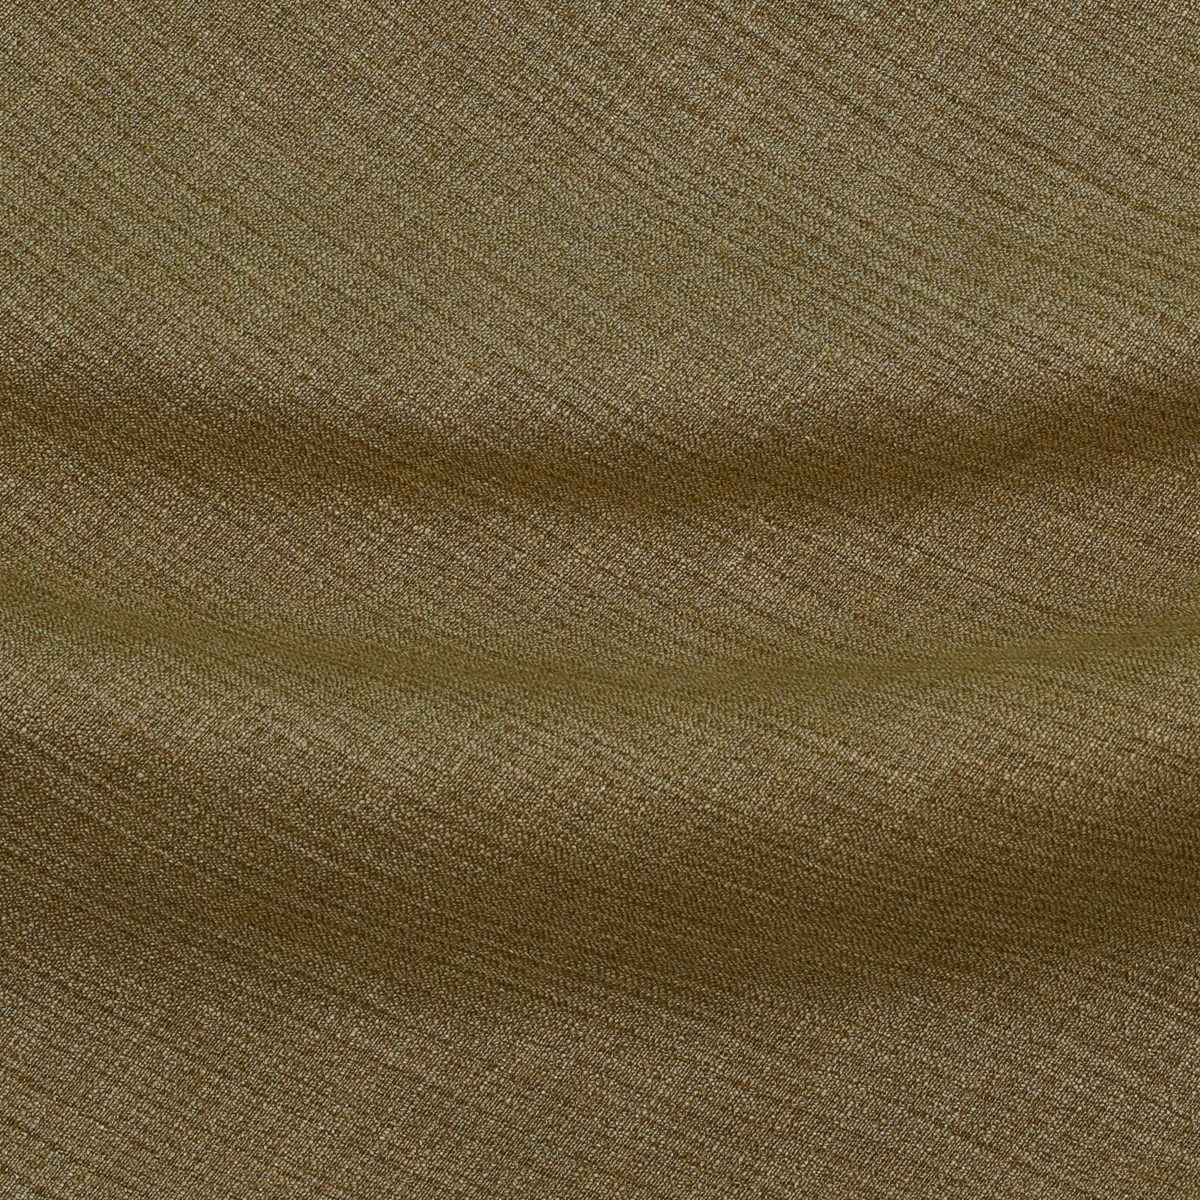 Мягкая льняная ткань из фасонных нитей с добавлением шерсти